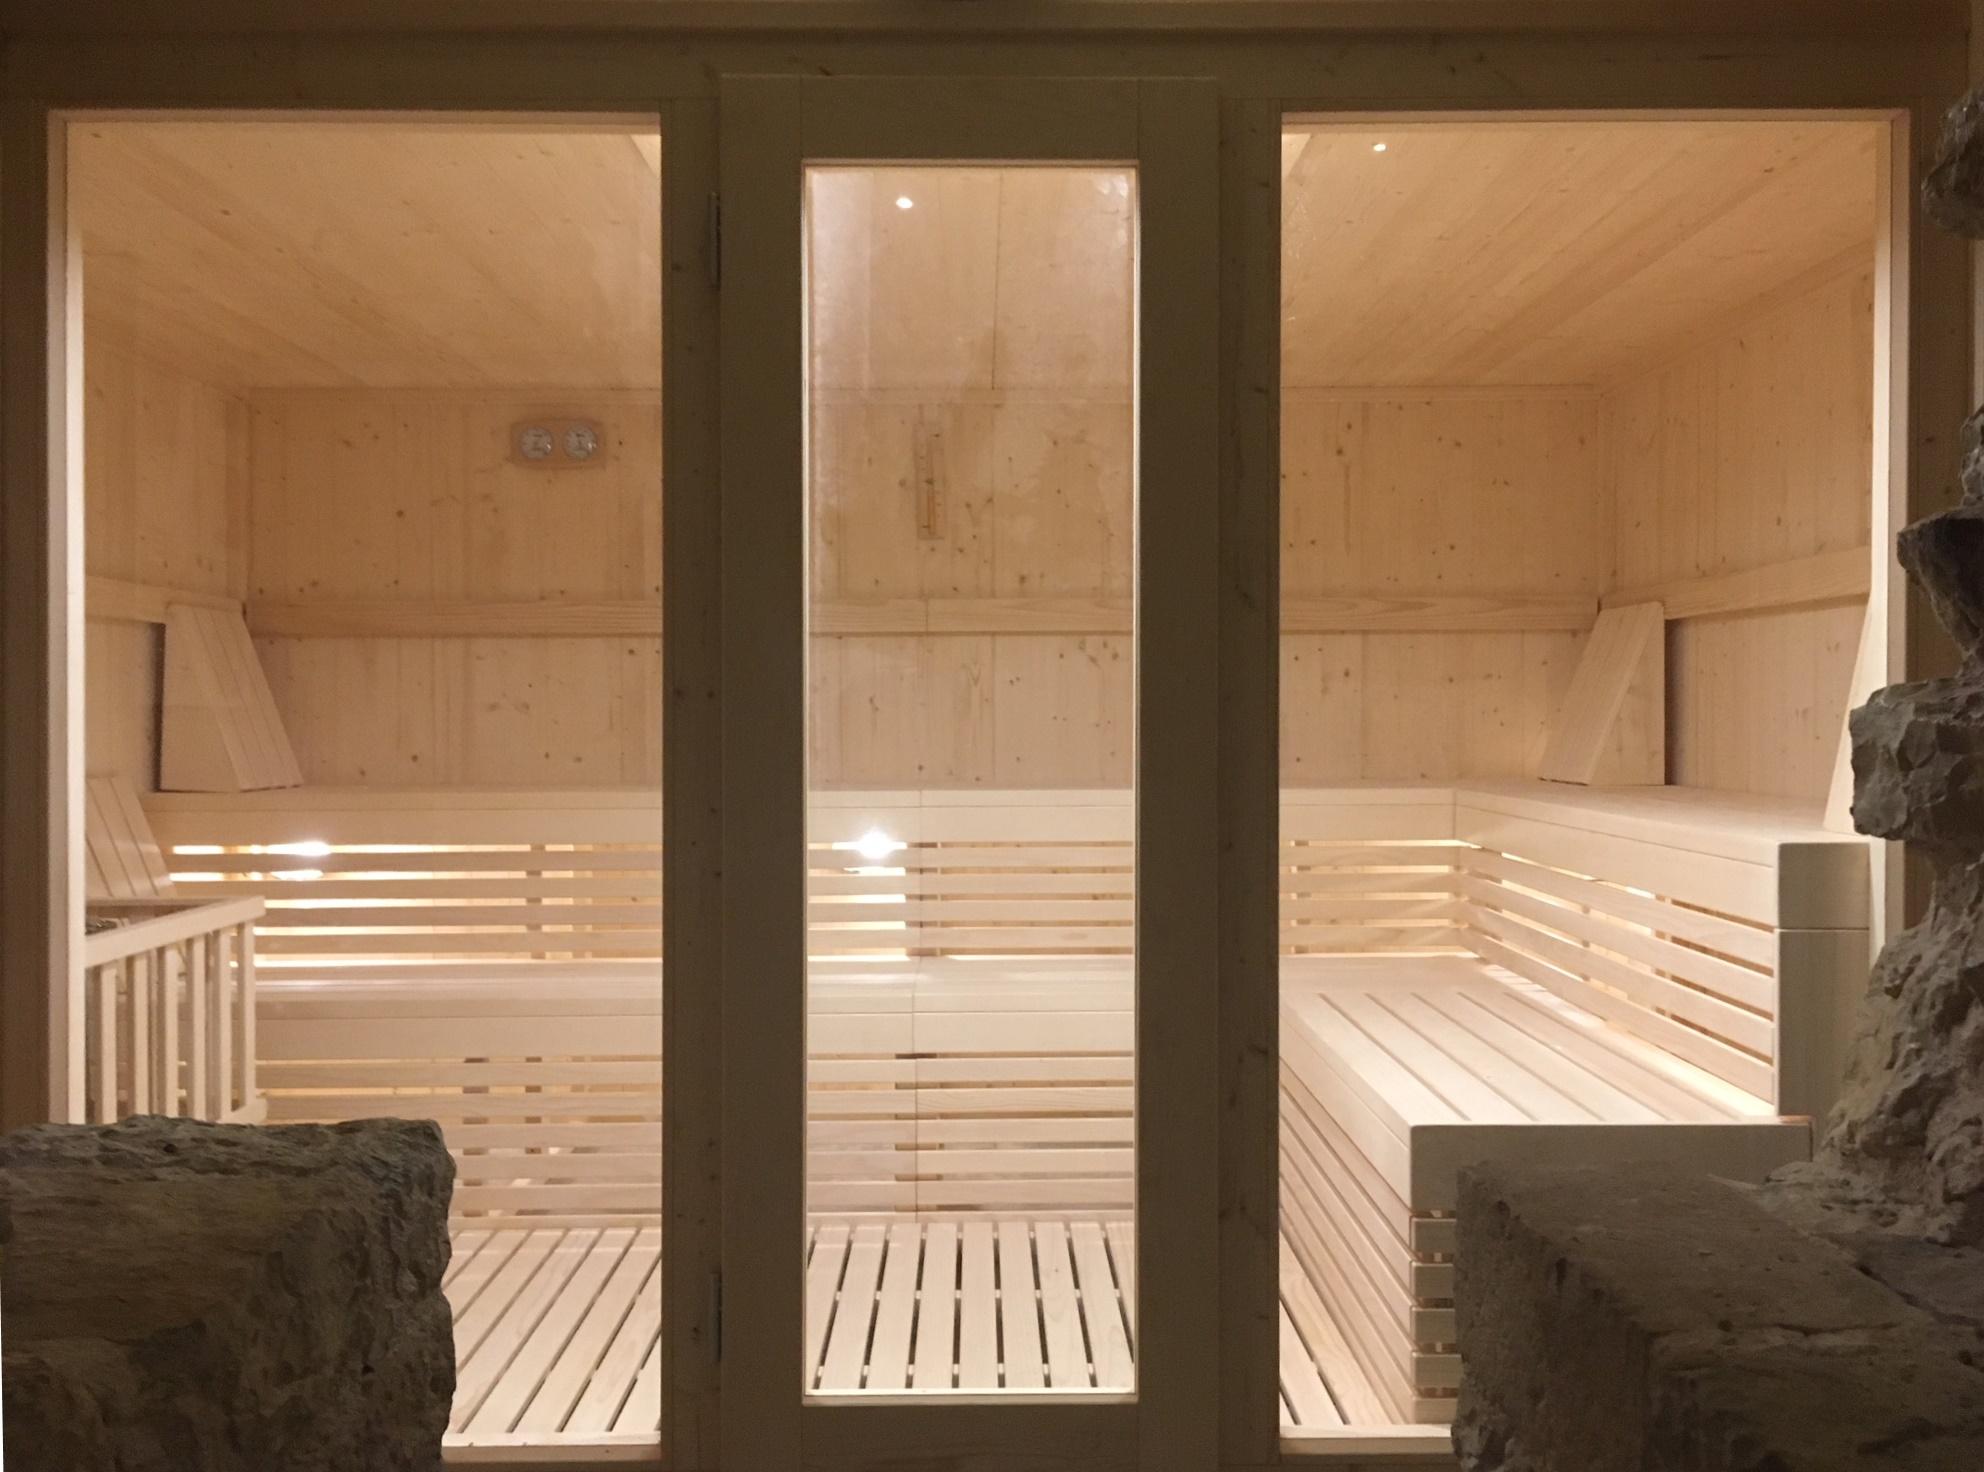 Modelli sauna finlandese e sauna con bagno turco hammam in kit di